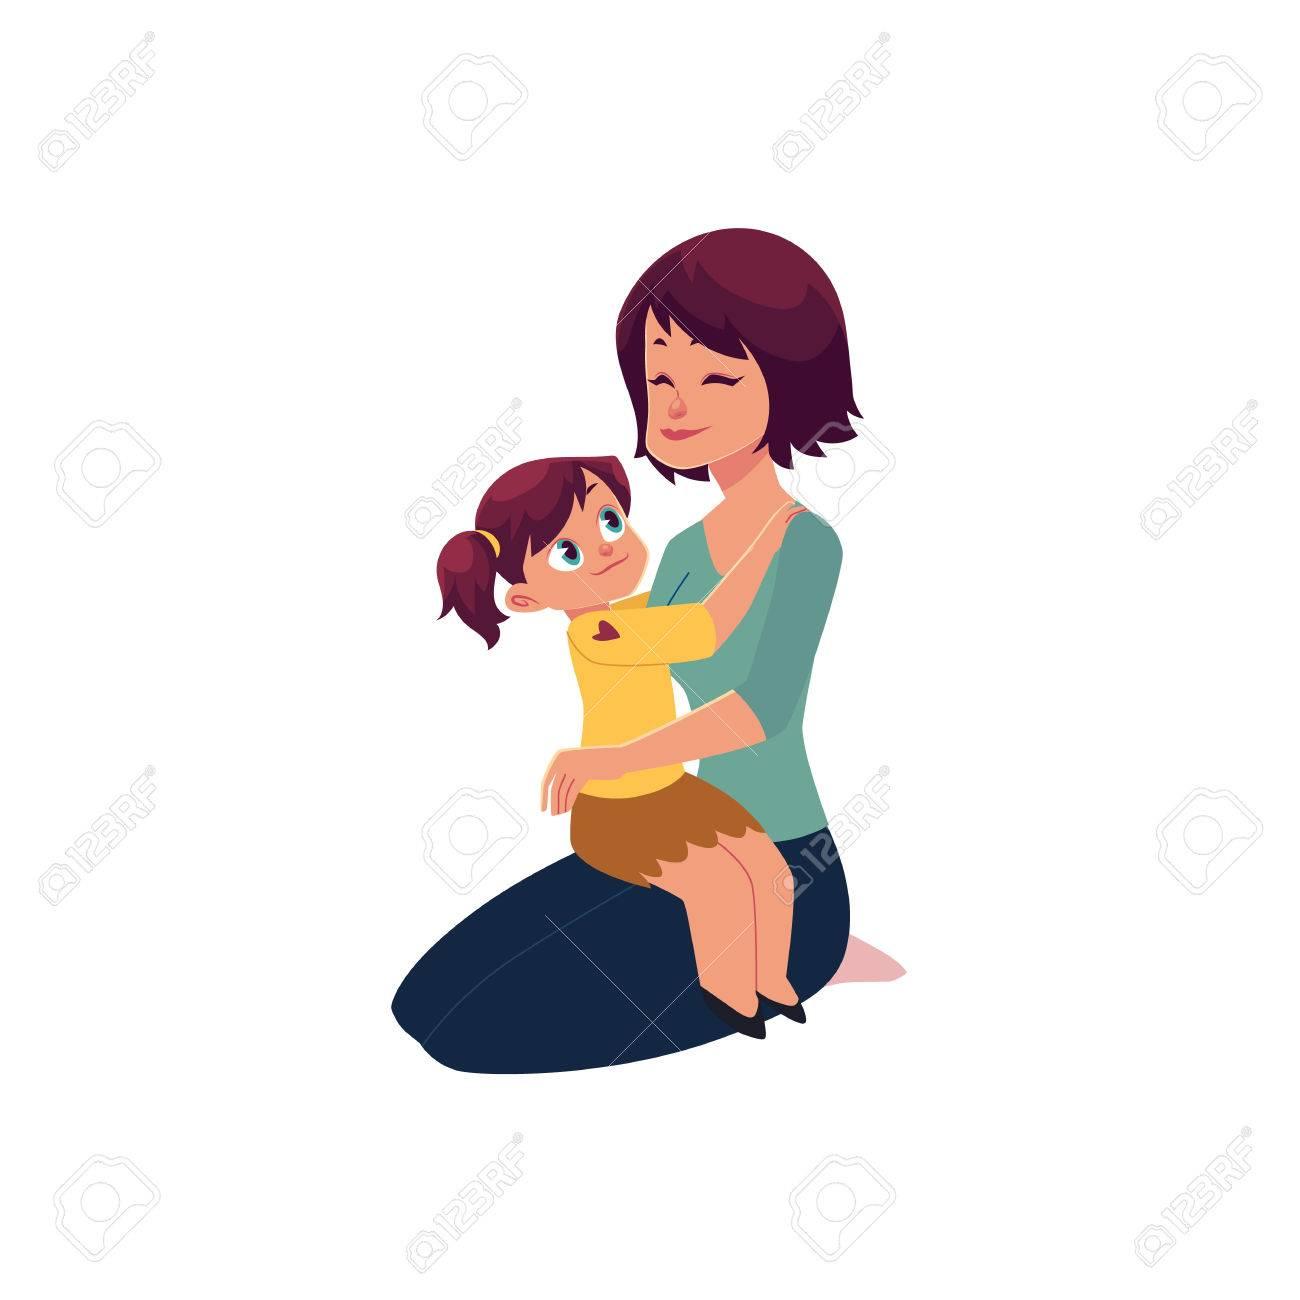 Maman Et Sa Fille étreignant Embrassant Petite Fille Assise Sur Son Genou De Maman Illustration De Vecteur De Dessin Animé Isolé Sur Fond Blanc